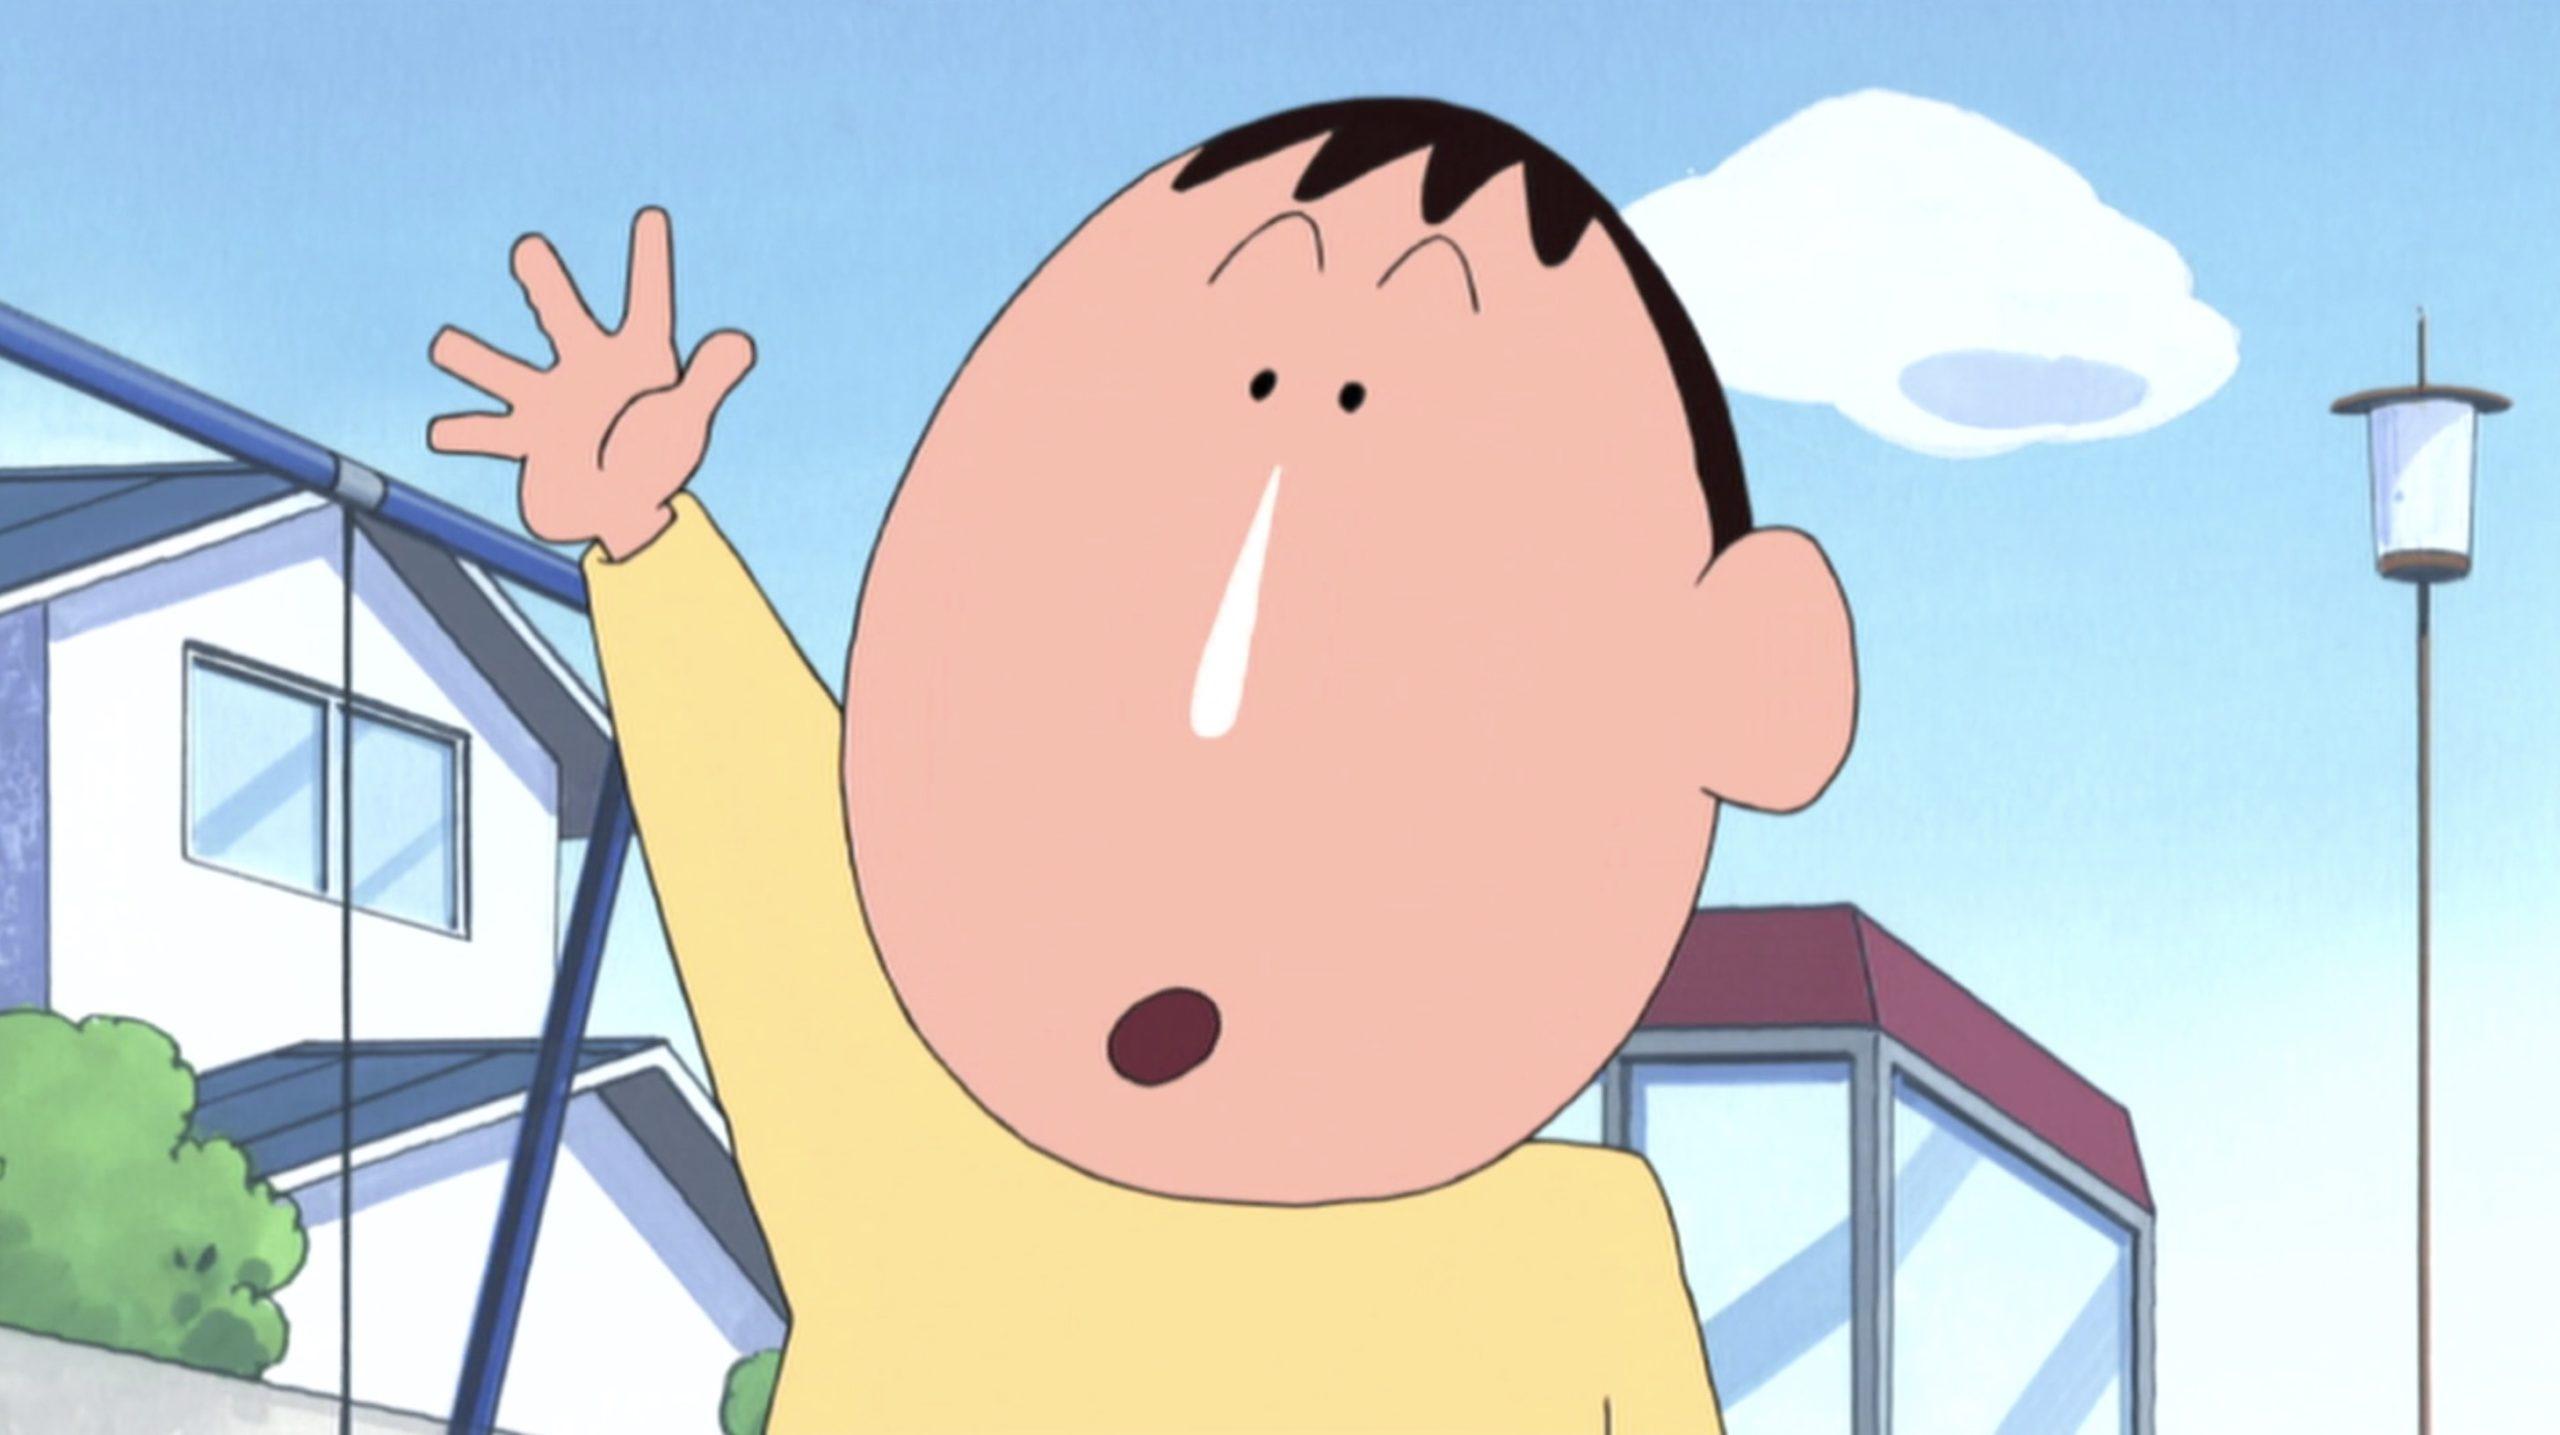 こんなに凄い5歳児たち!「かすかべ防衛隊」徹底紹介【 ボーちゃん 編】